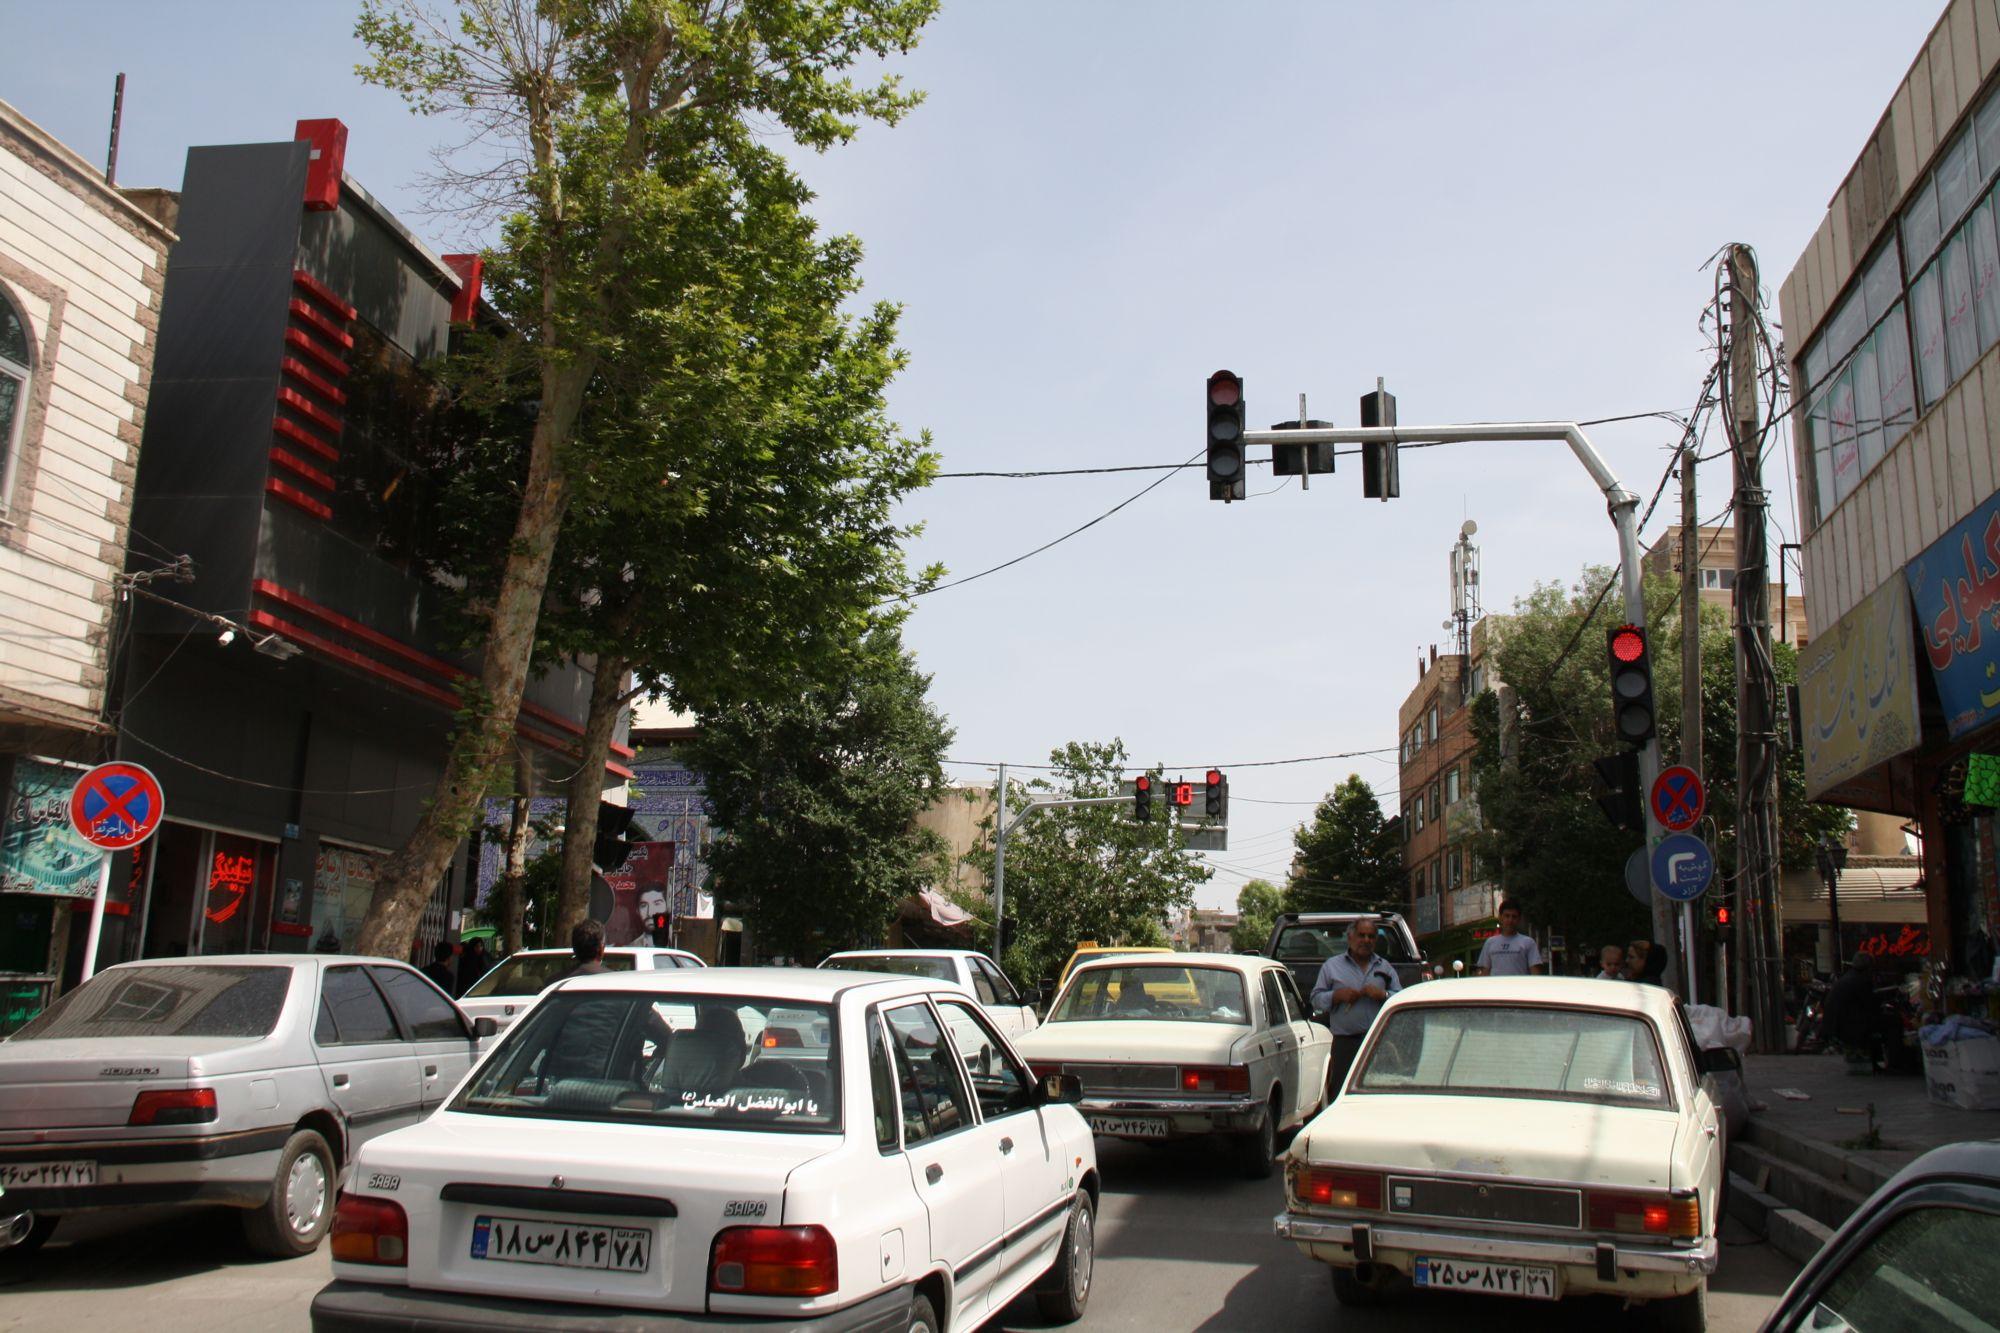 چراغ راهنمایی و رانندگی در چهارراه اسفندآباد نصب شد+تصاویر